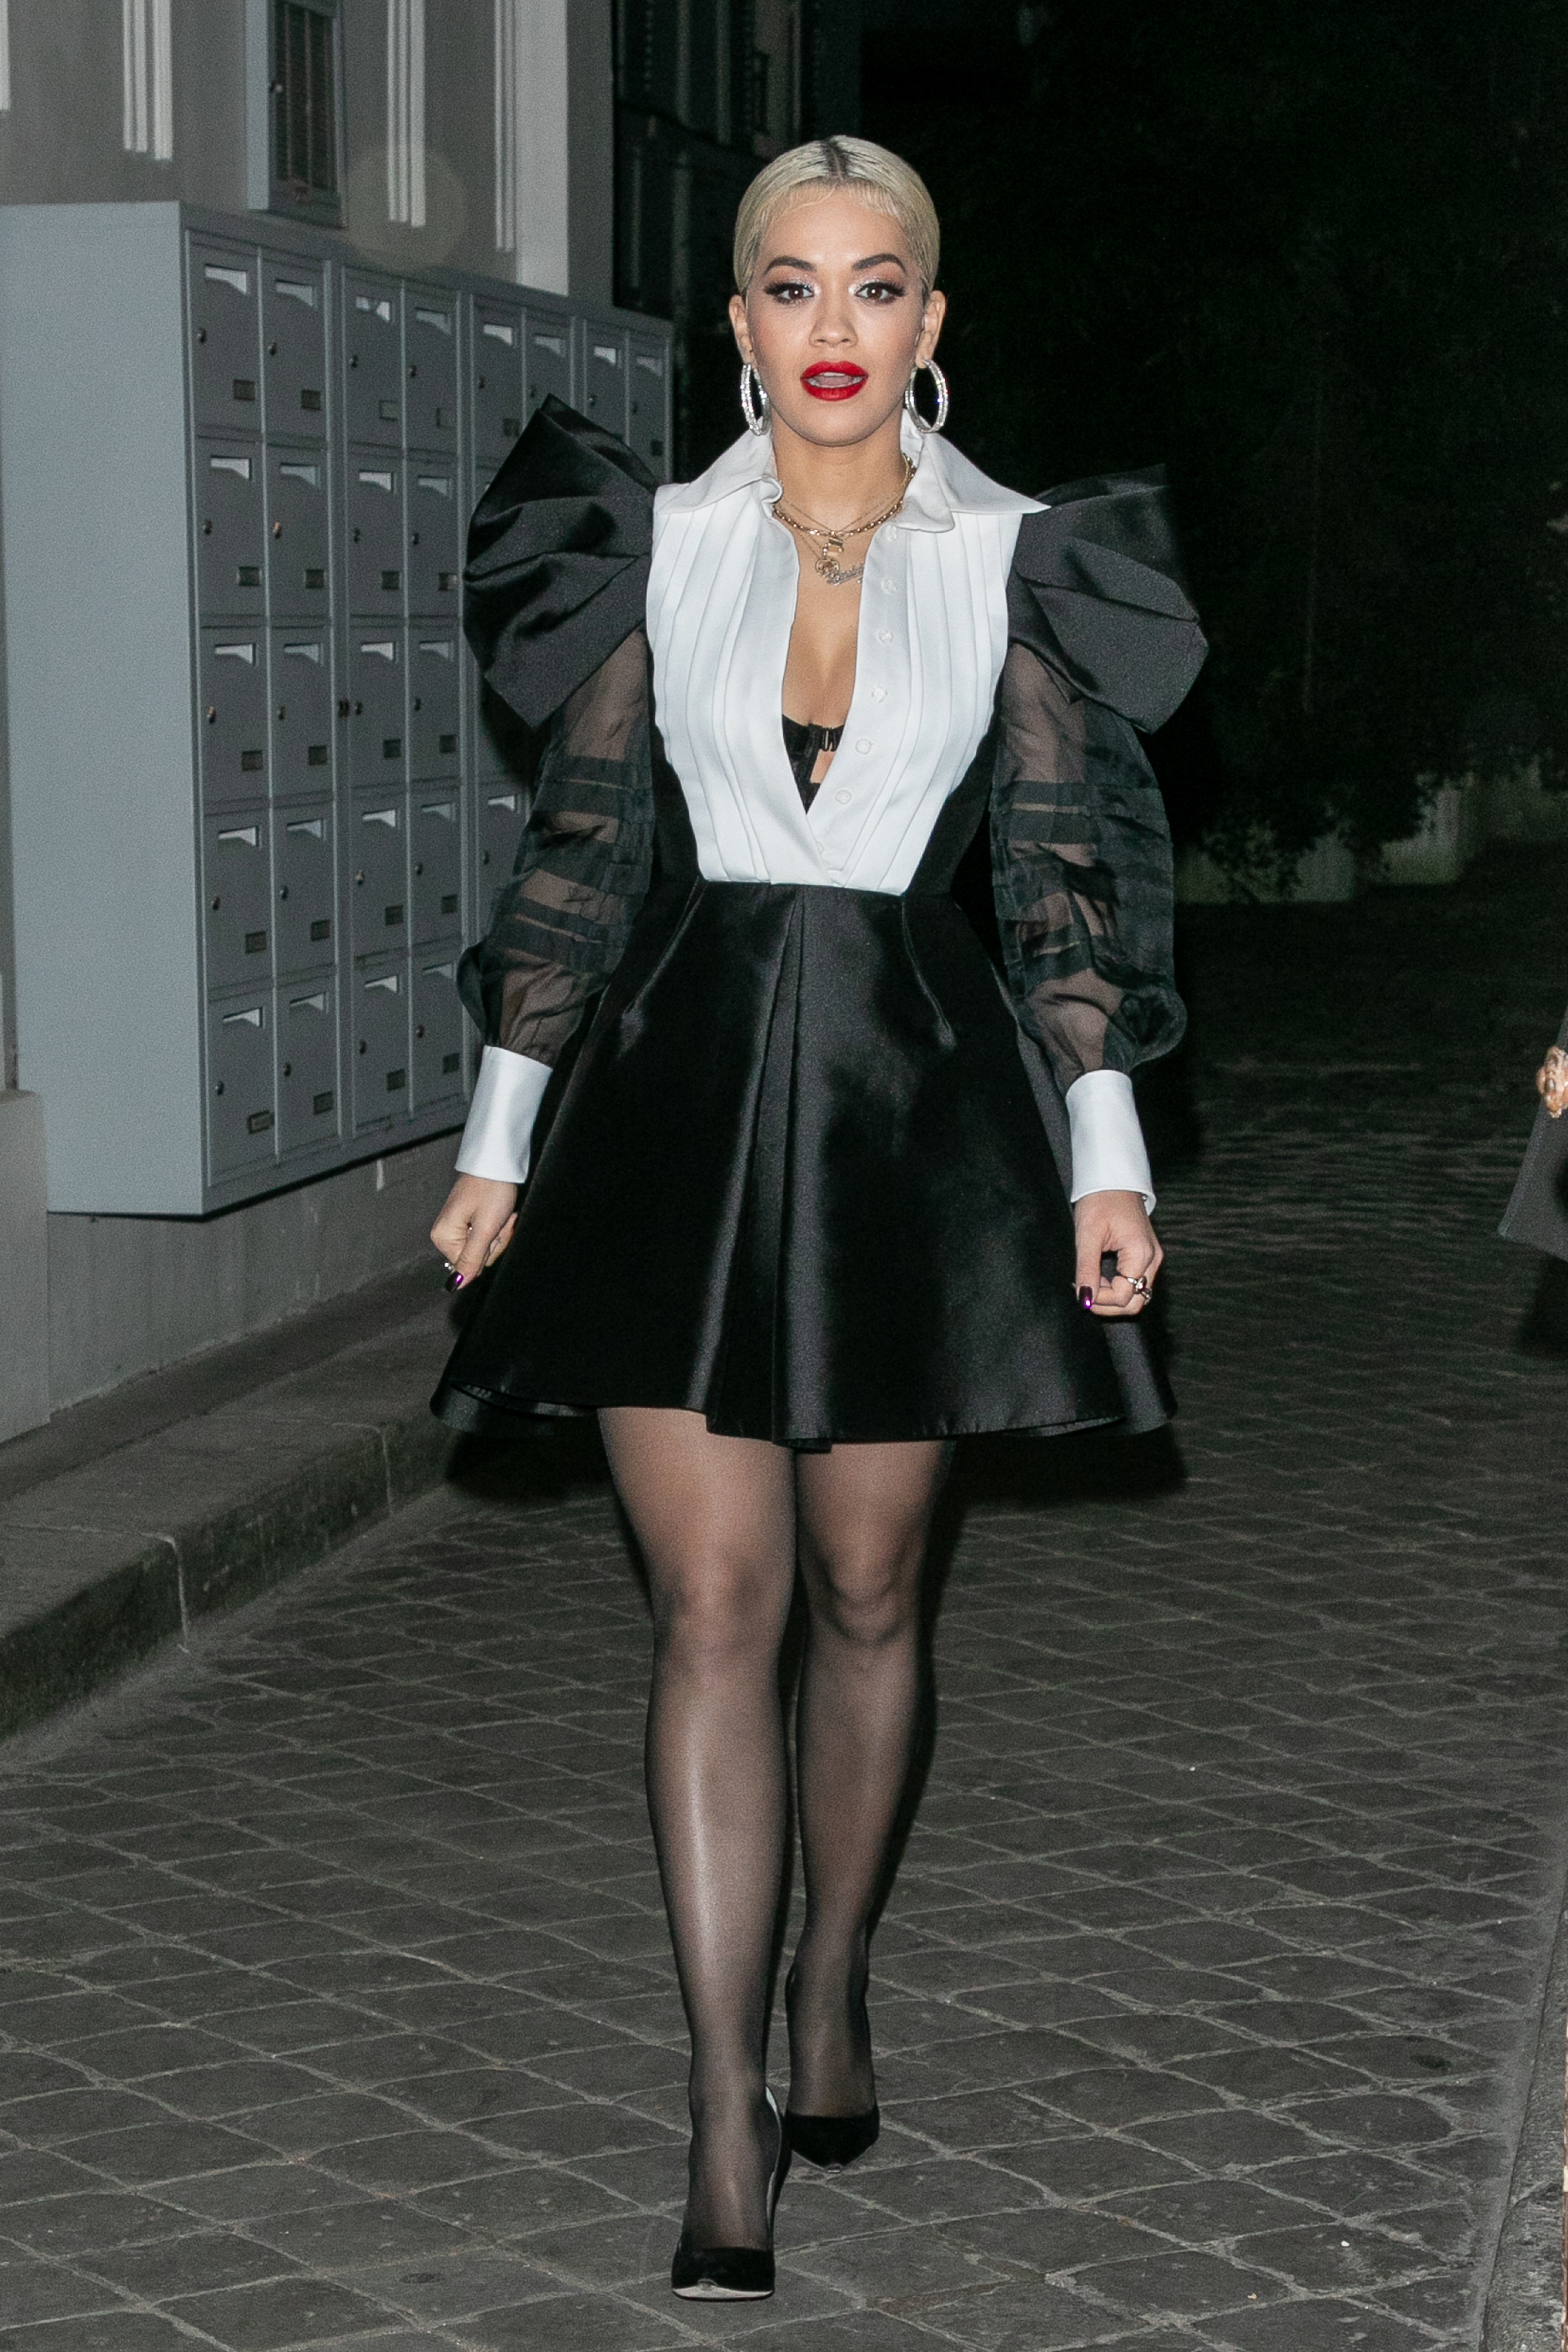 famosa, estilo, ootd, look, vestido, look del día